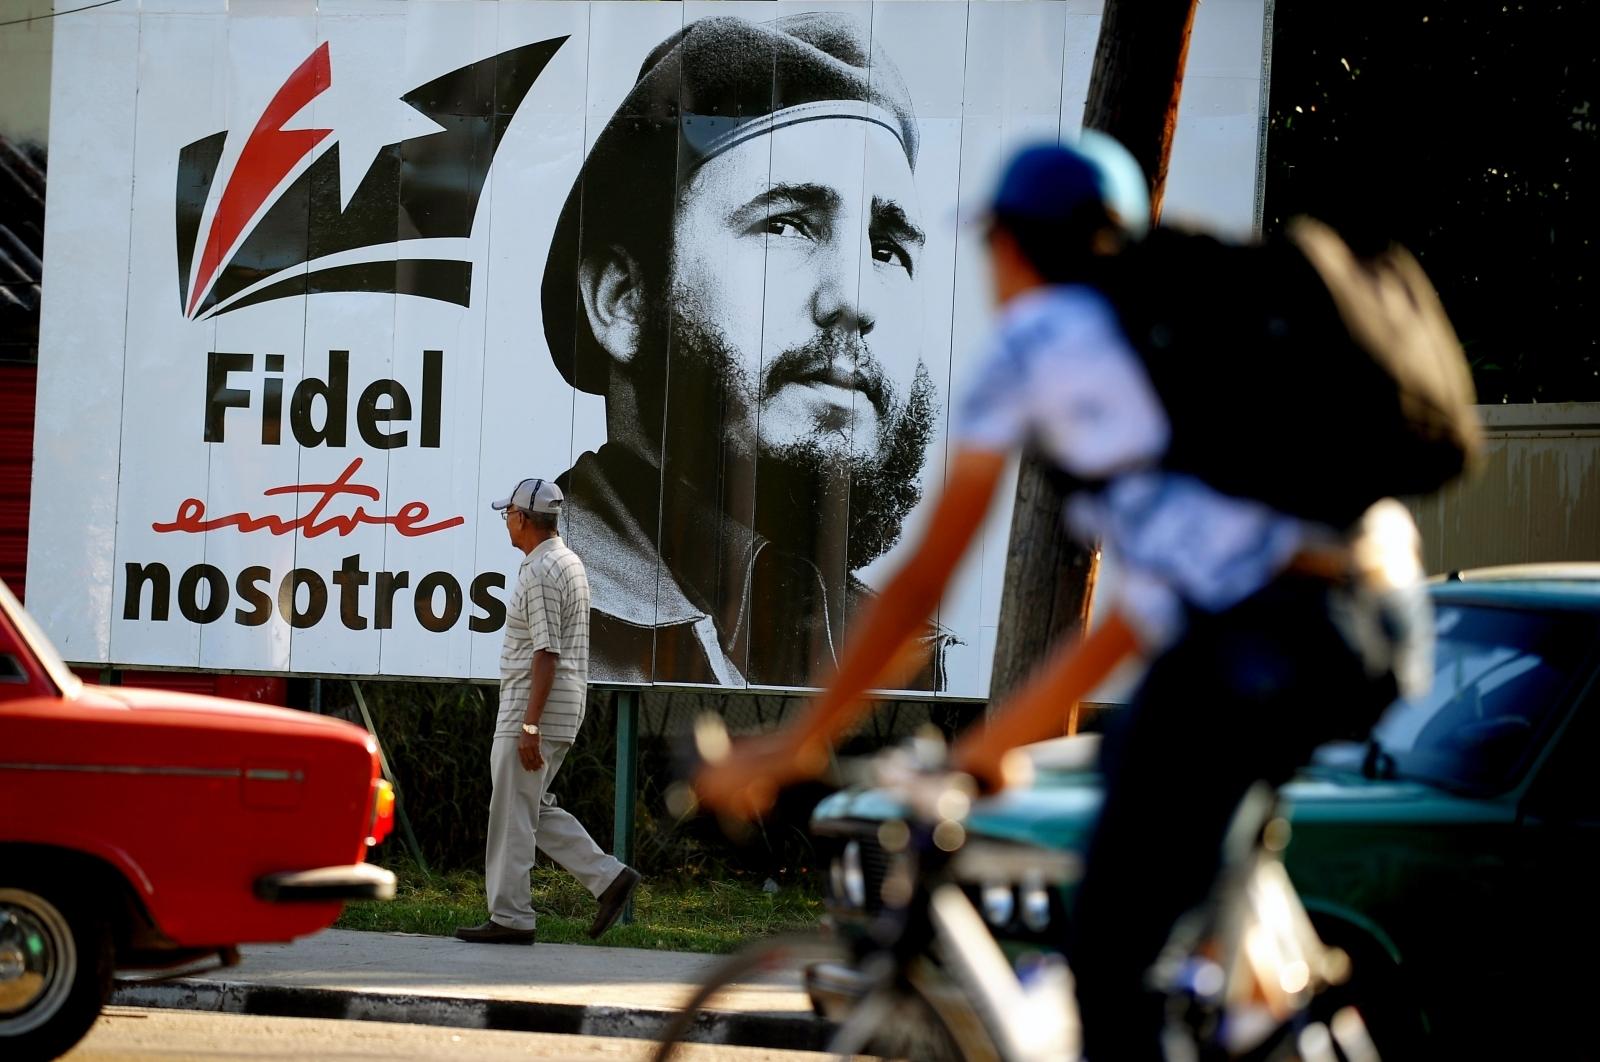 Fidel Castro, cuba